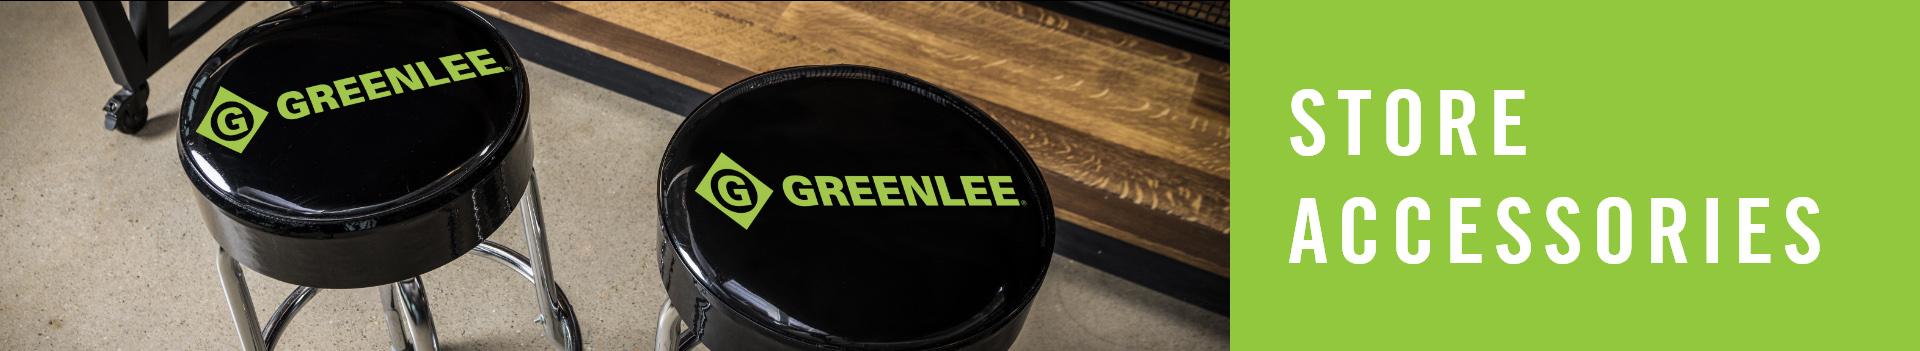 Greenlee Store Accessories